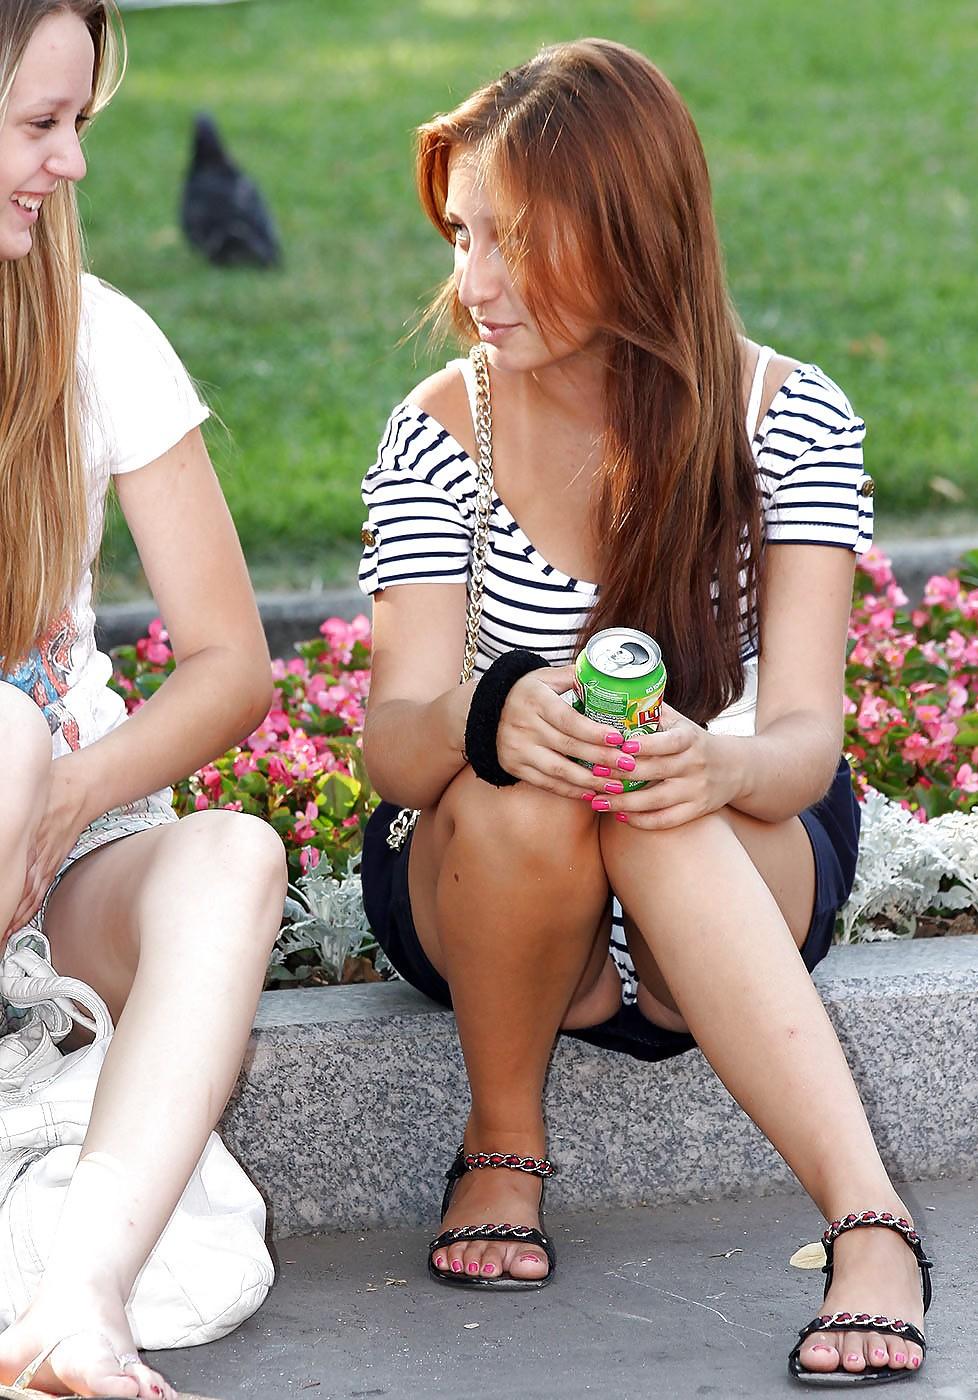 Рыжая девушка в мини-юбке засветила трусики в полоску